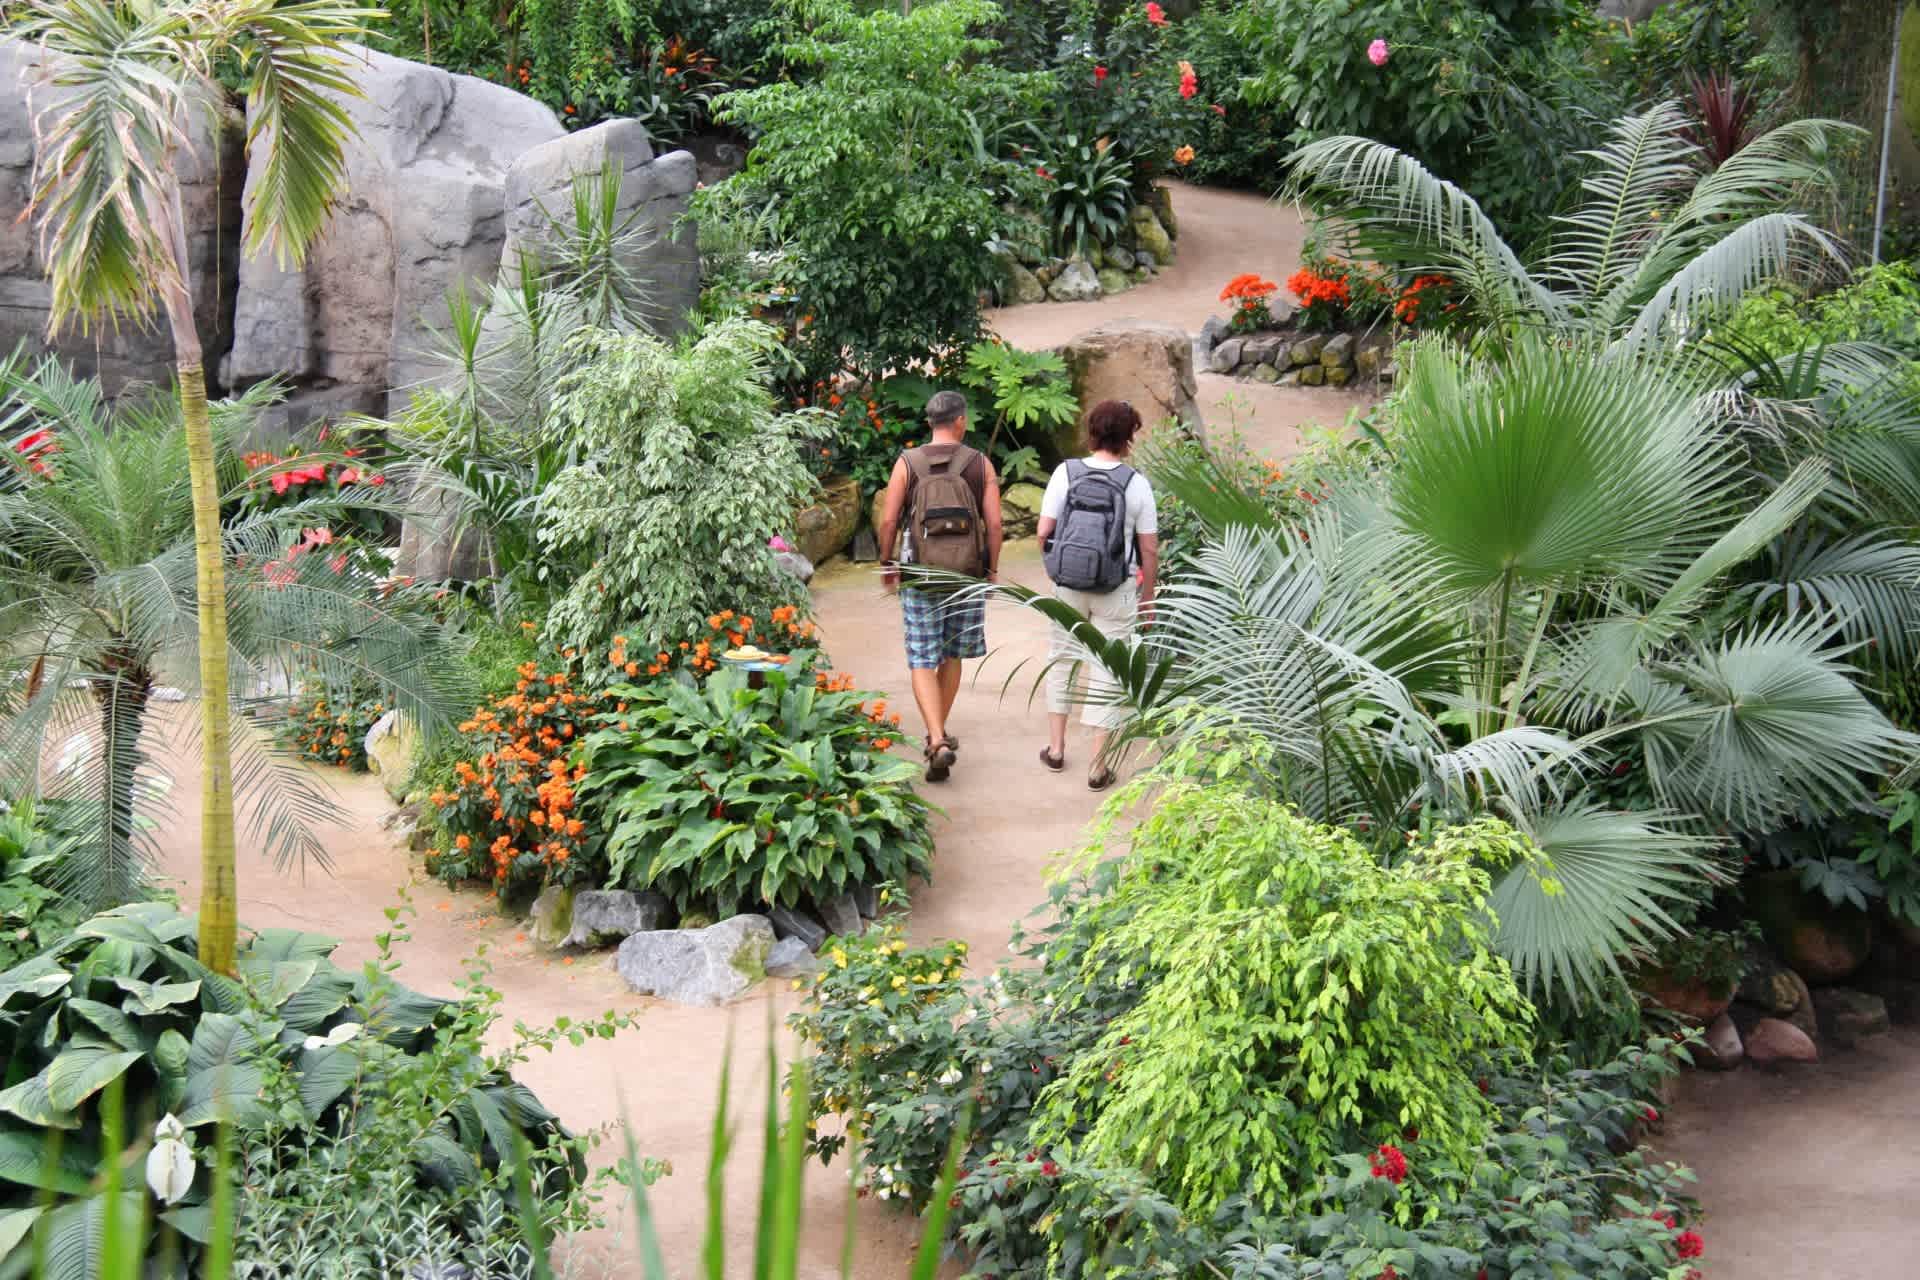 Luttelgeest orchid garden